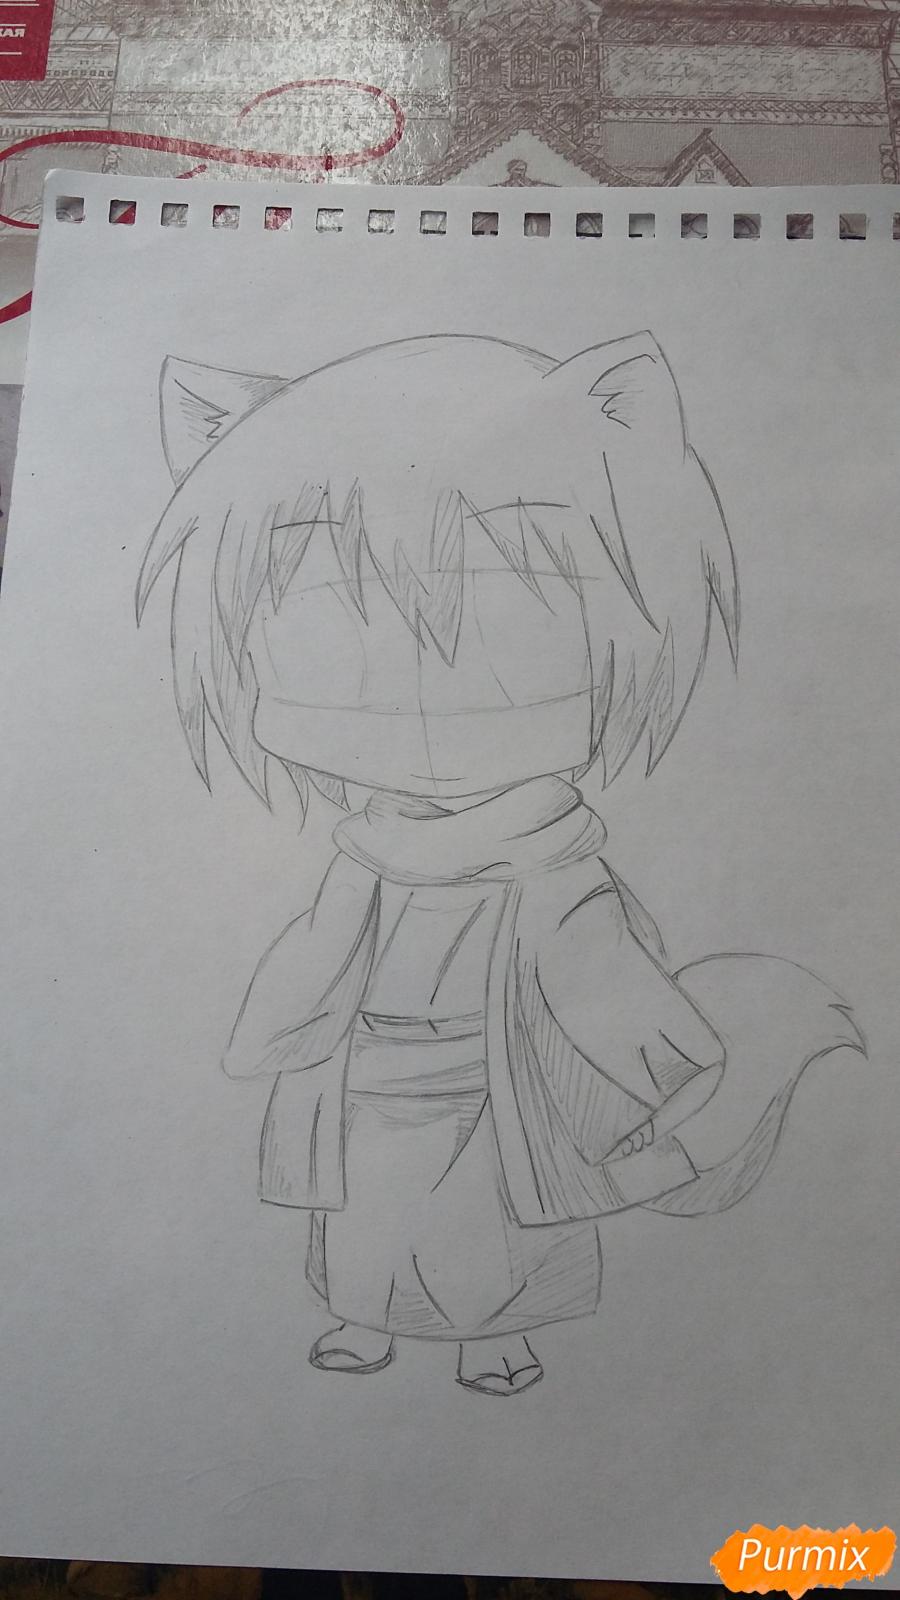 Как нарисовать Томоэ в стиле чиби из аниме Очень приятно, Бог  - шаг 4